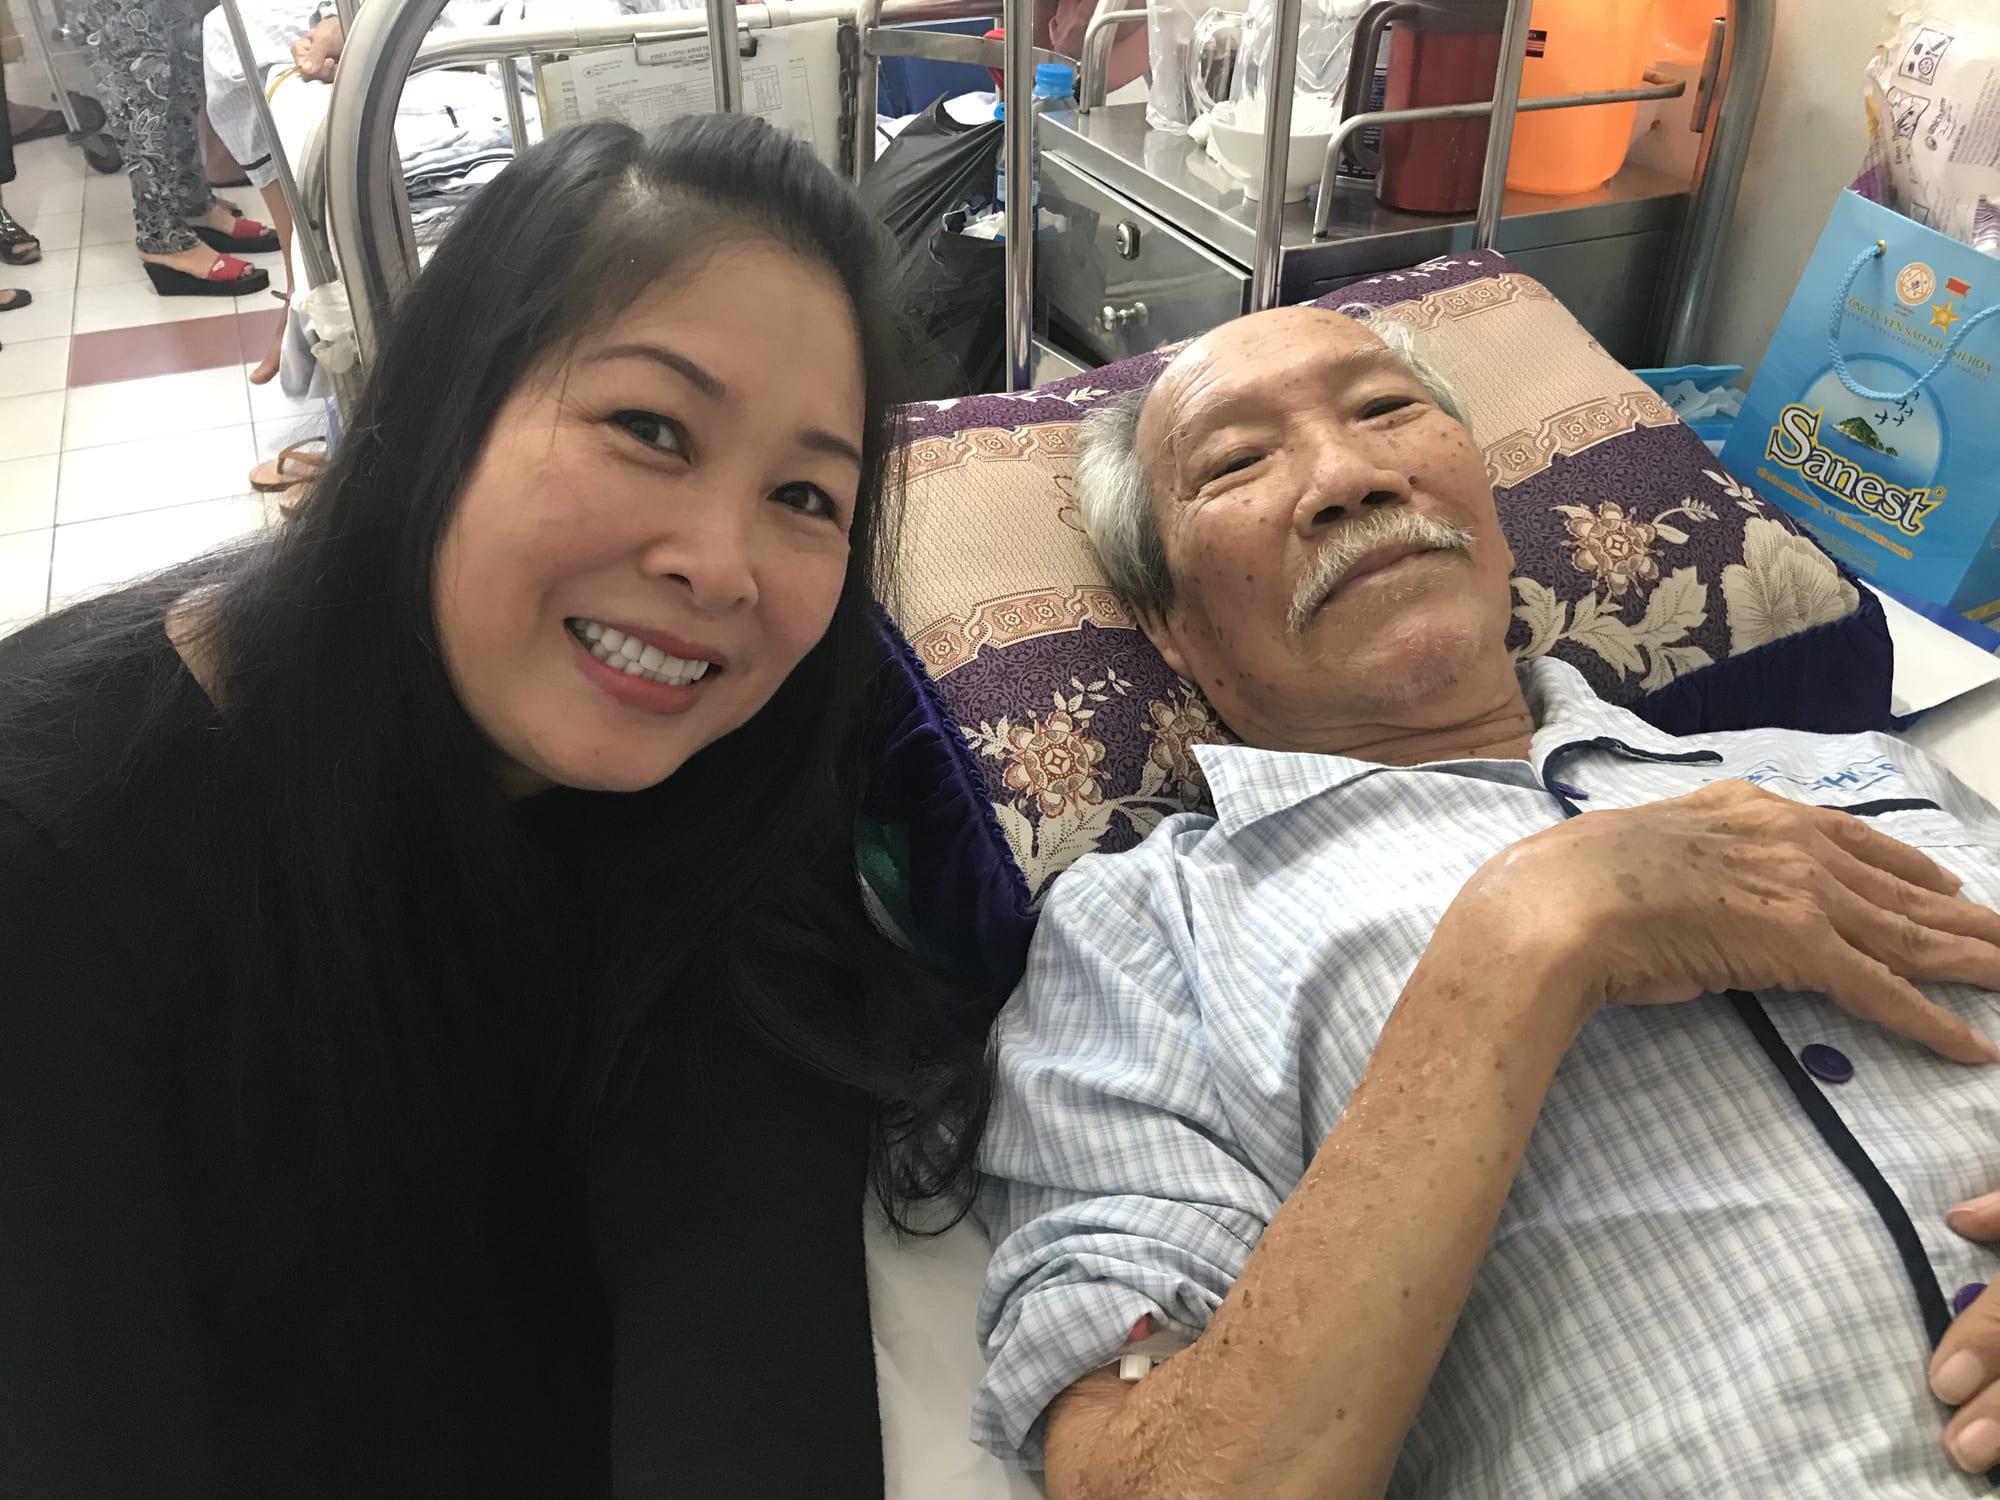 Soạn giả Nguyên Thảo qua đời vì ung thư, hưởng thọ 78 tuổi - Ảnh 2.